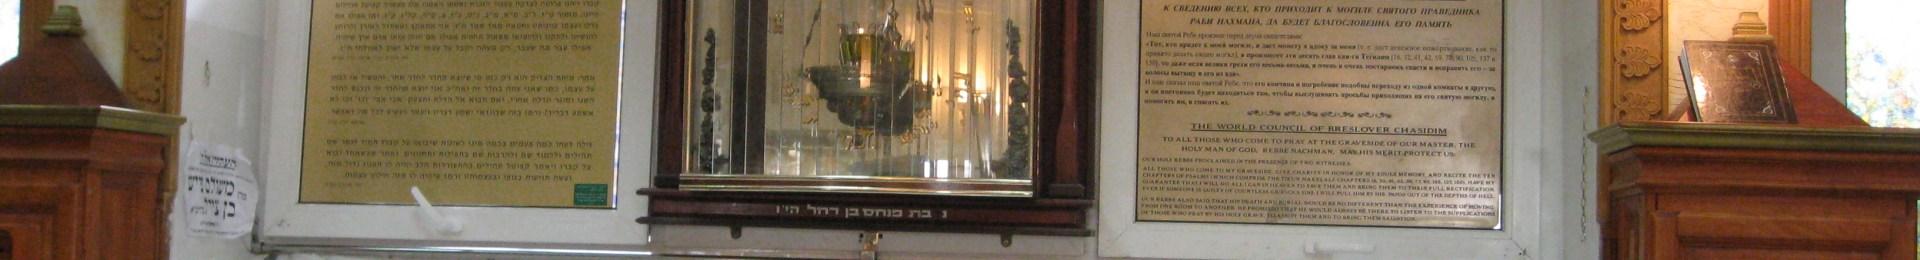 סוד קבורת משה והקשר לרמזי הגאולה | סוד קבר רבי נחמן מברסלב באומן – הקשר למלחמה ברוסיה | שיעור שמע סוד החשמל